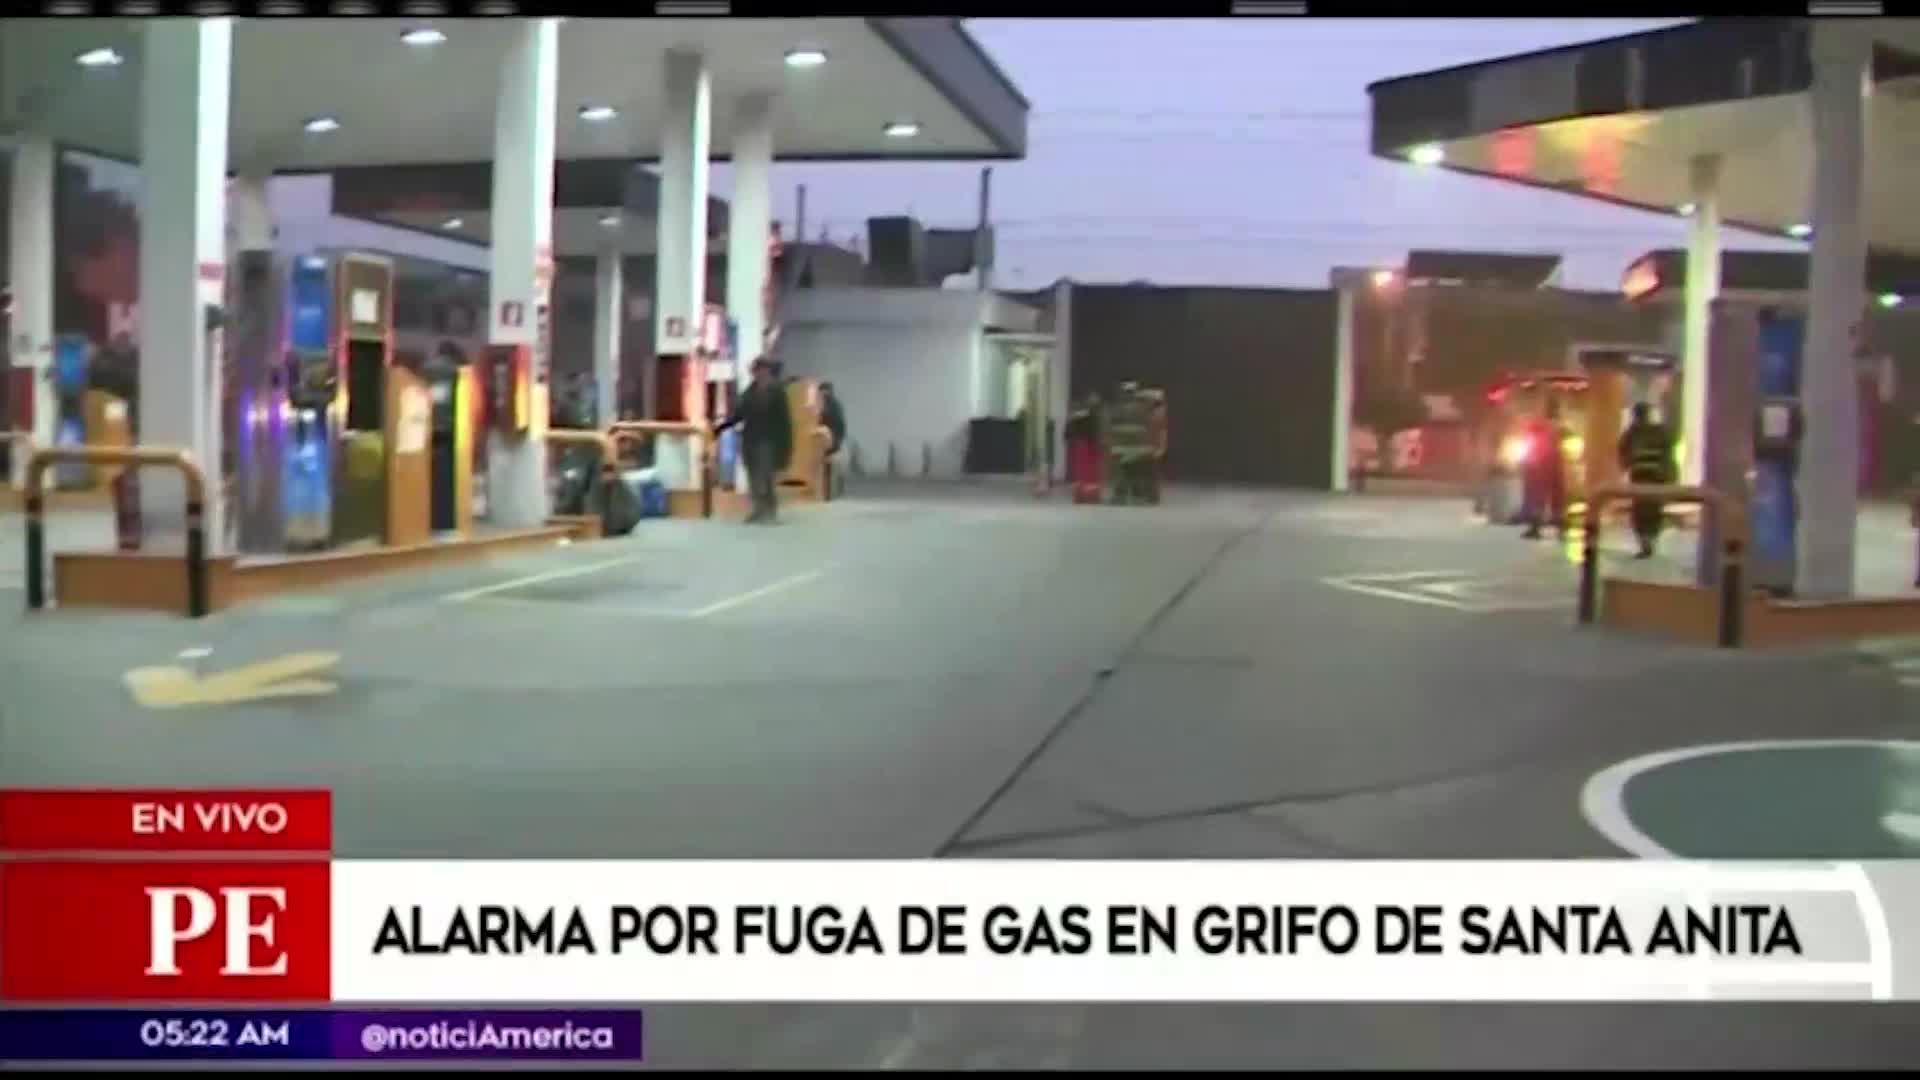 Santa Anita: fuga de gas causó alarma en grifo